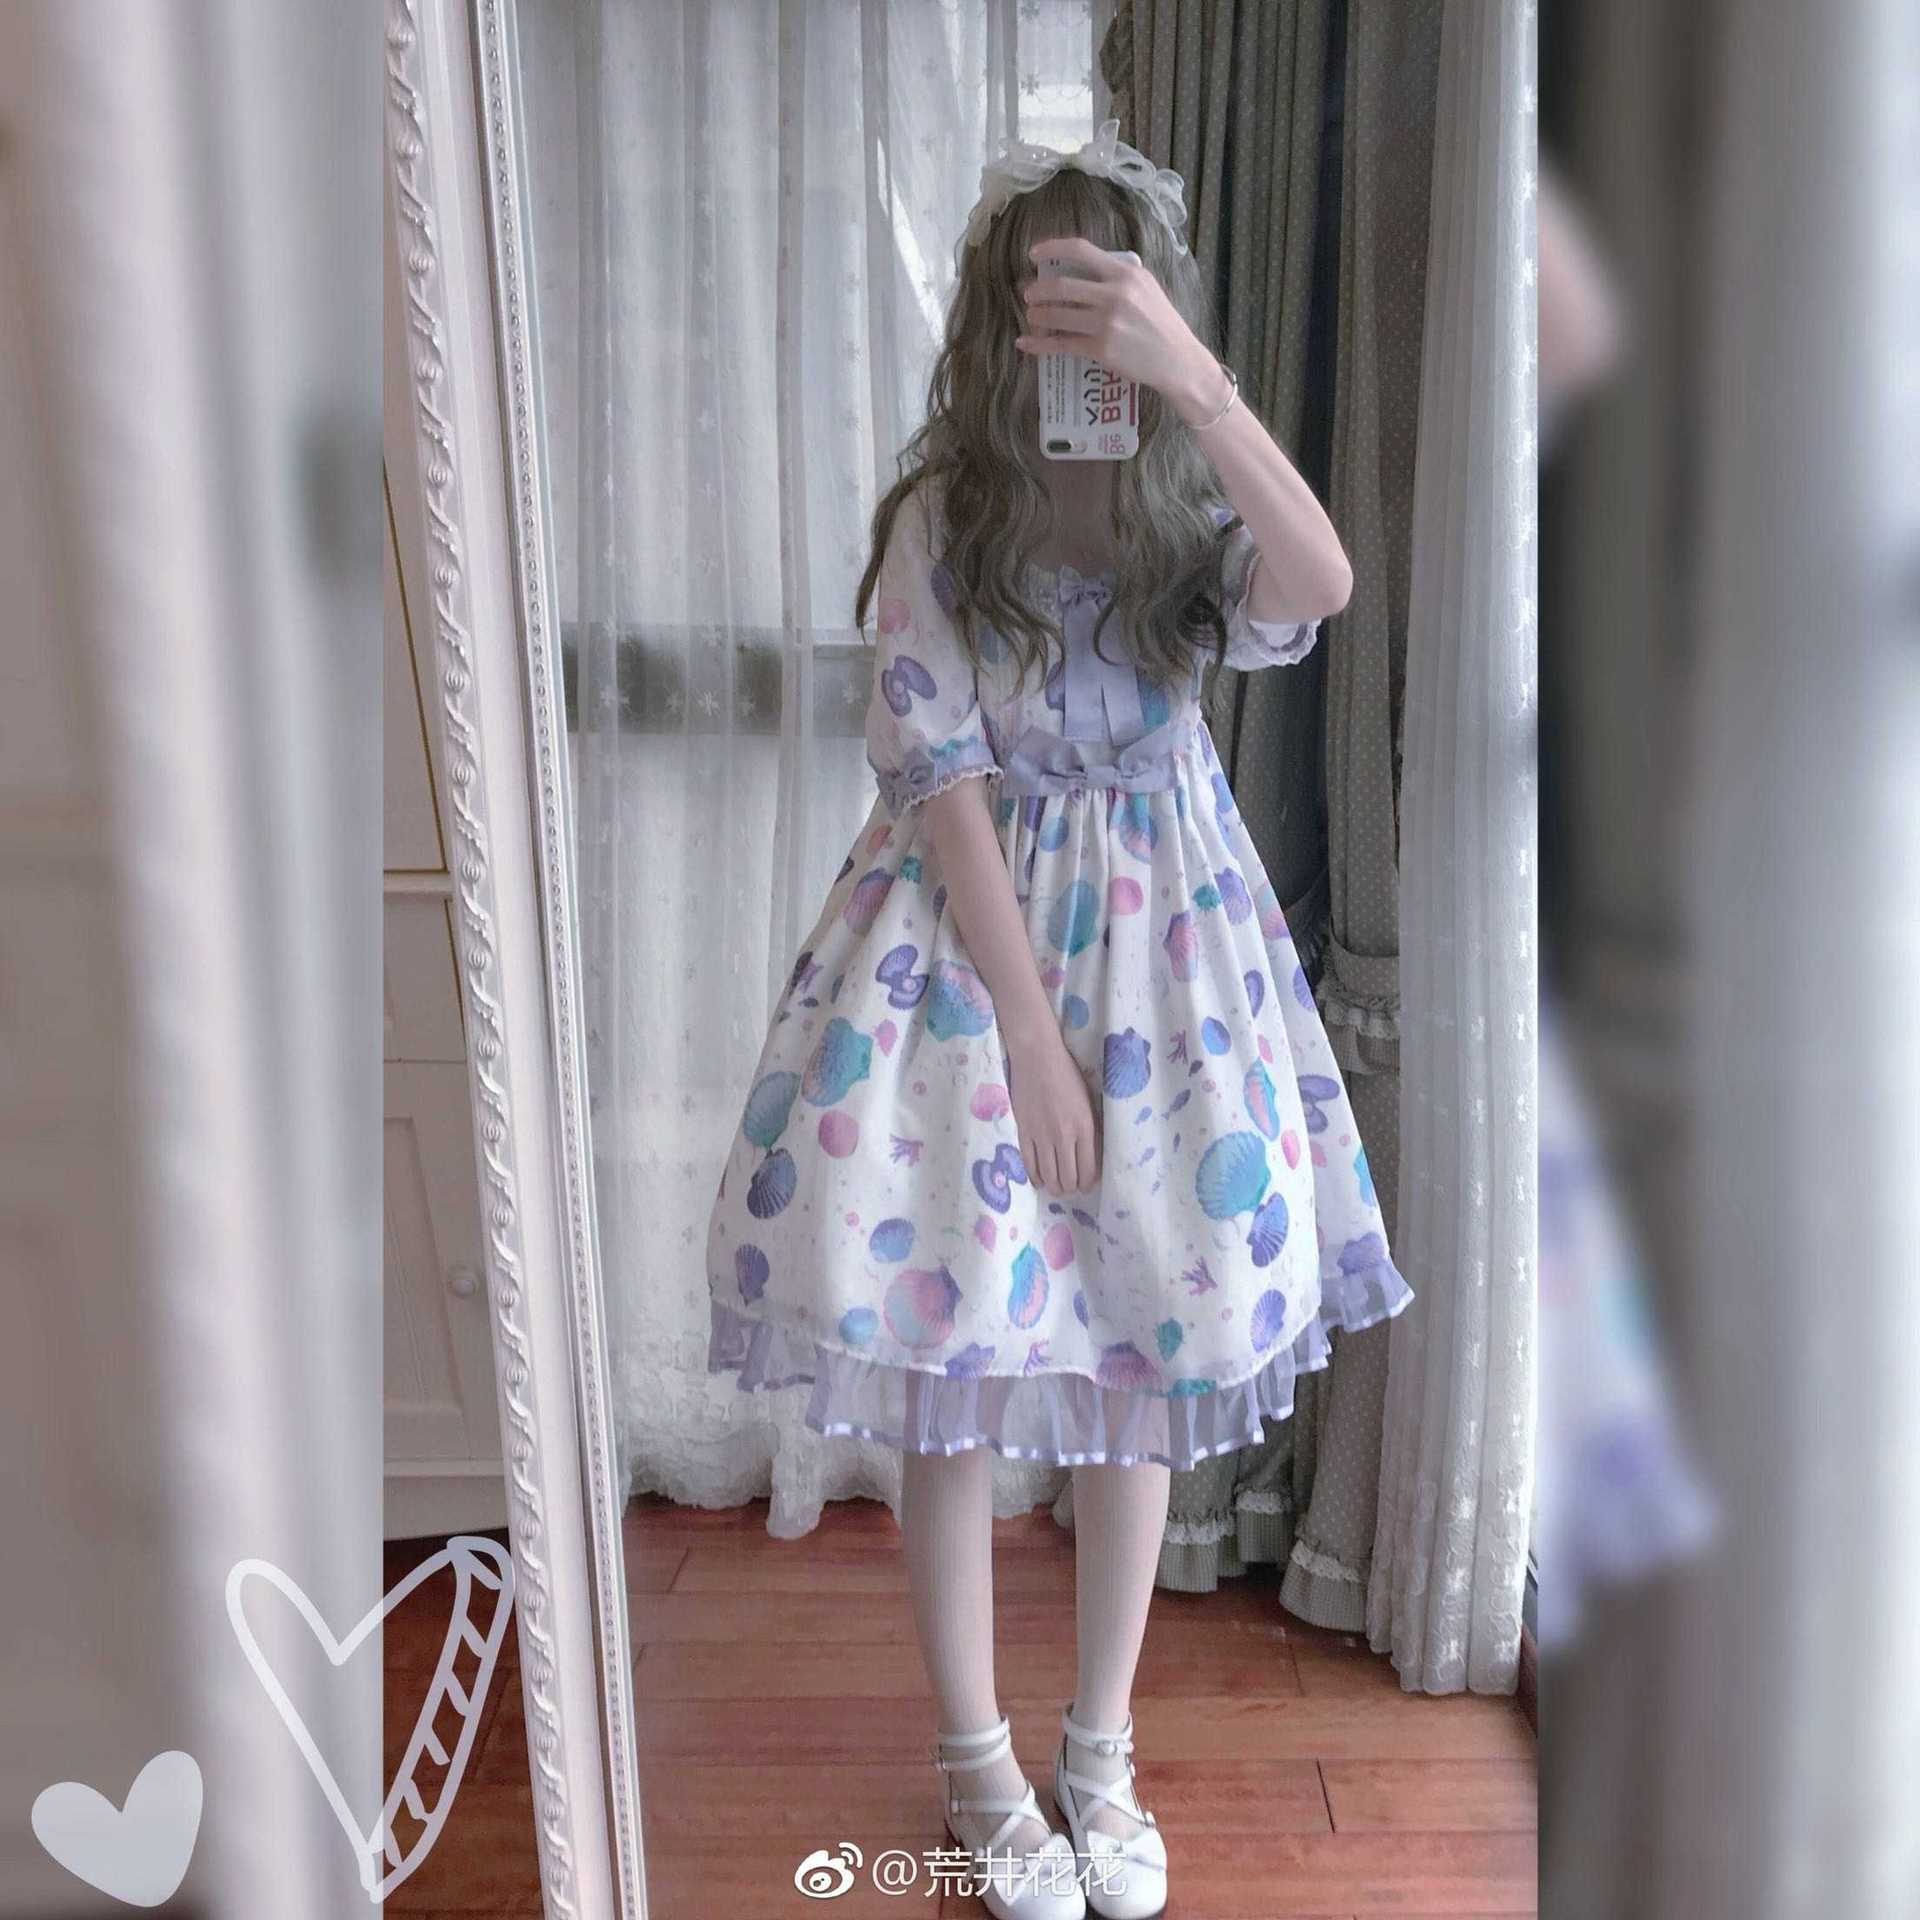 バッグは日本系ソフト妹の夏の装いLolita貝殻opワンピースlolitaシフォン半袖プリンセスのワンピースです。